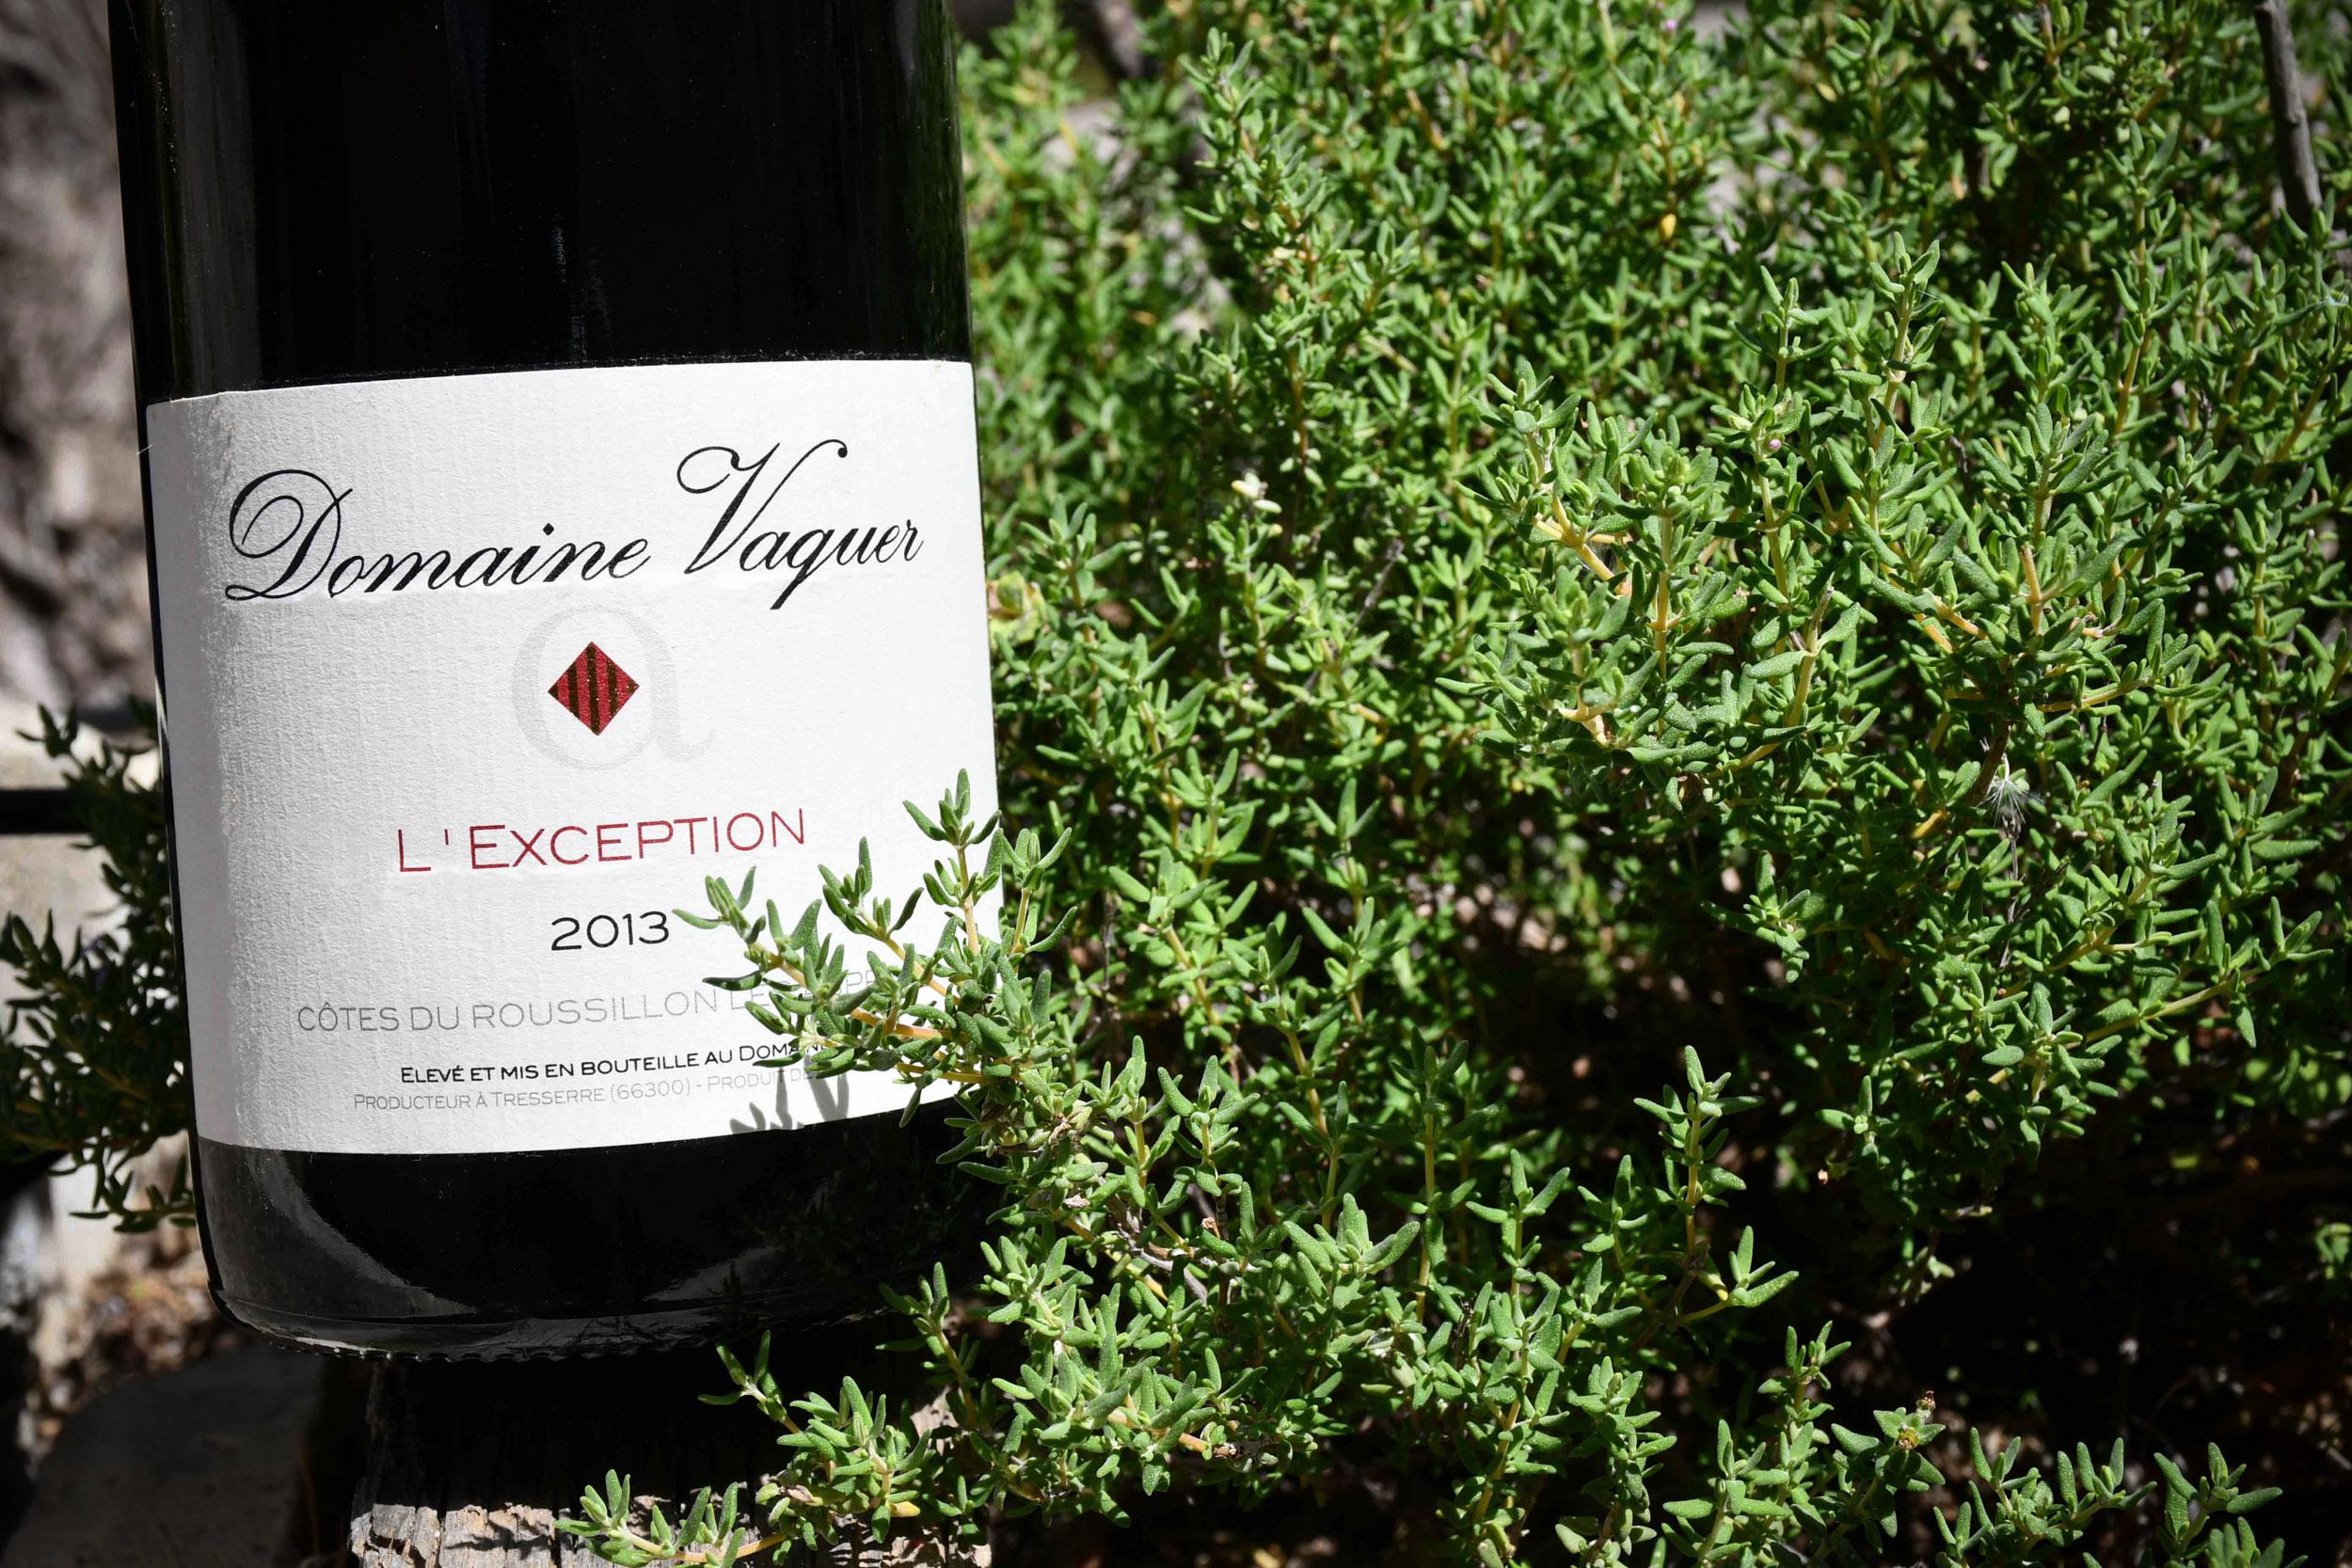 Domaine Vaquer - L'exception 2013